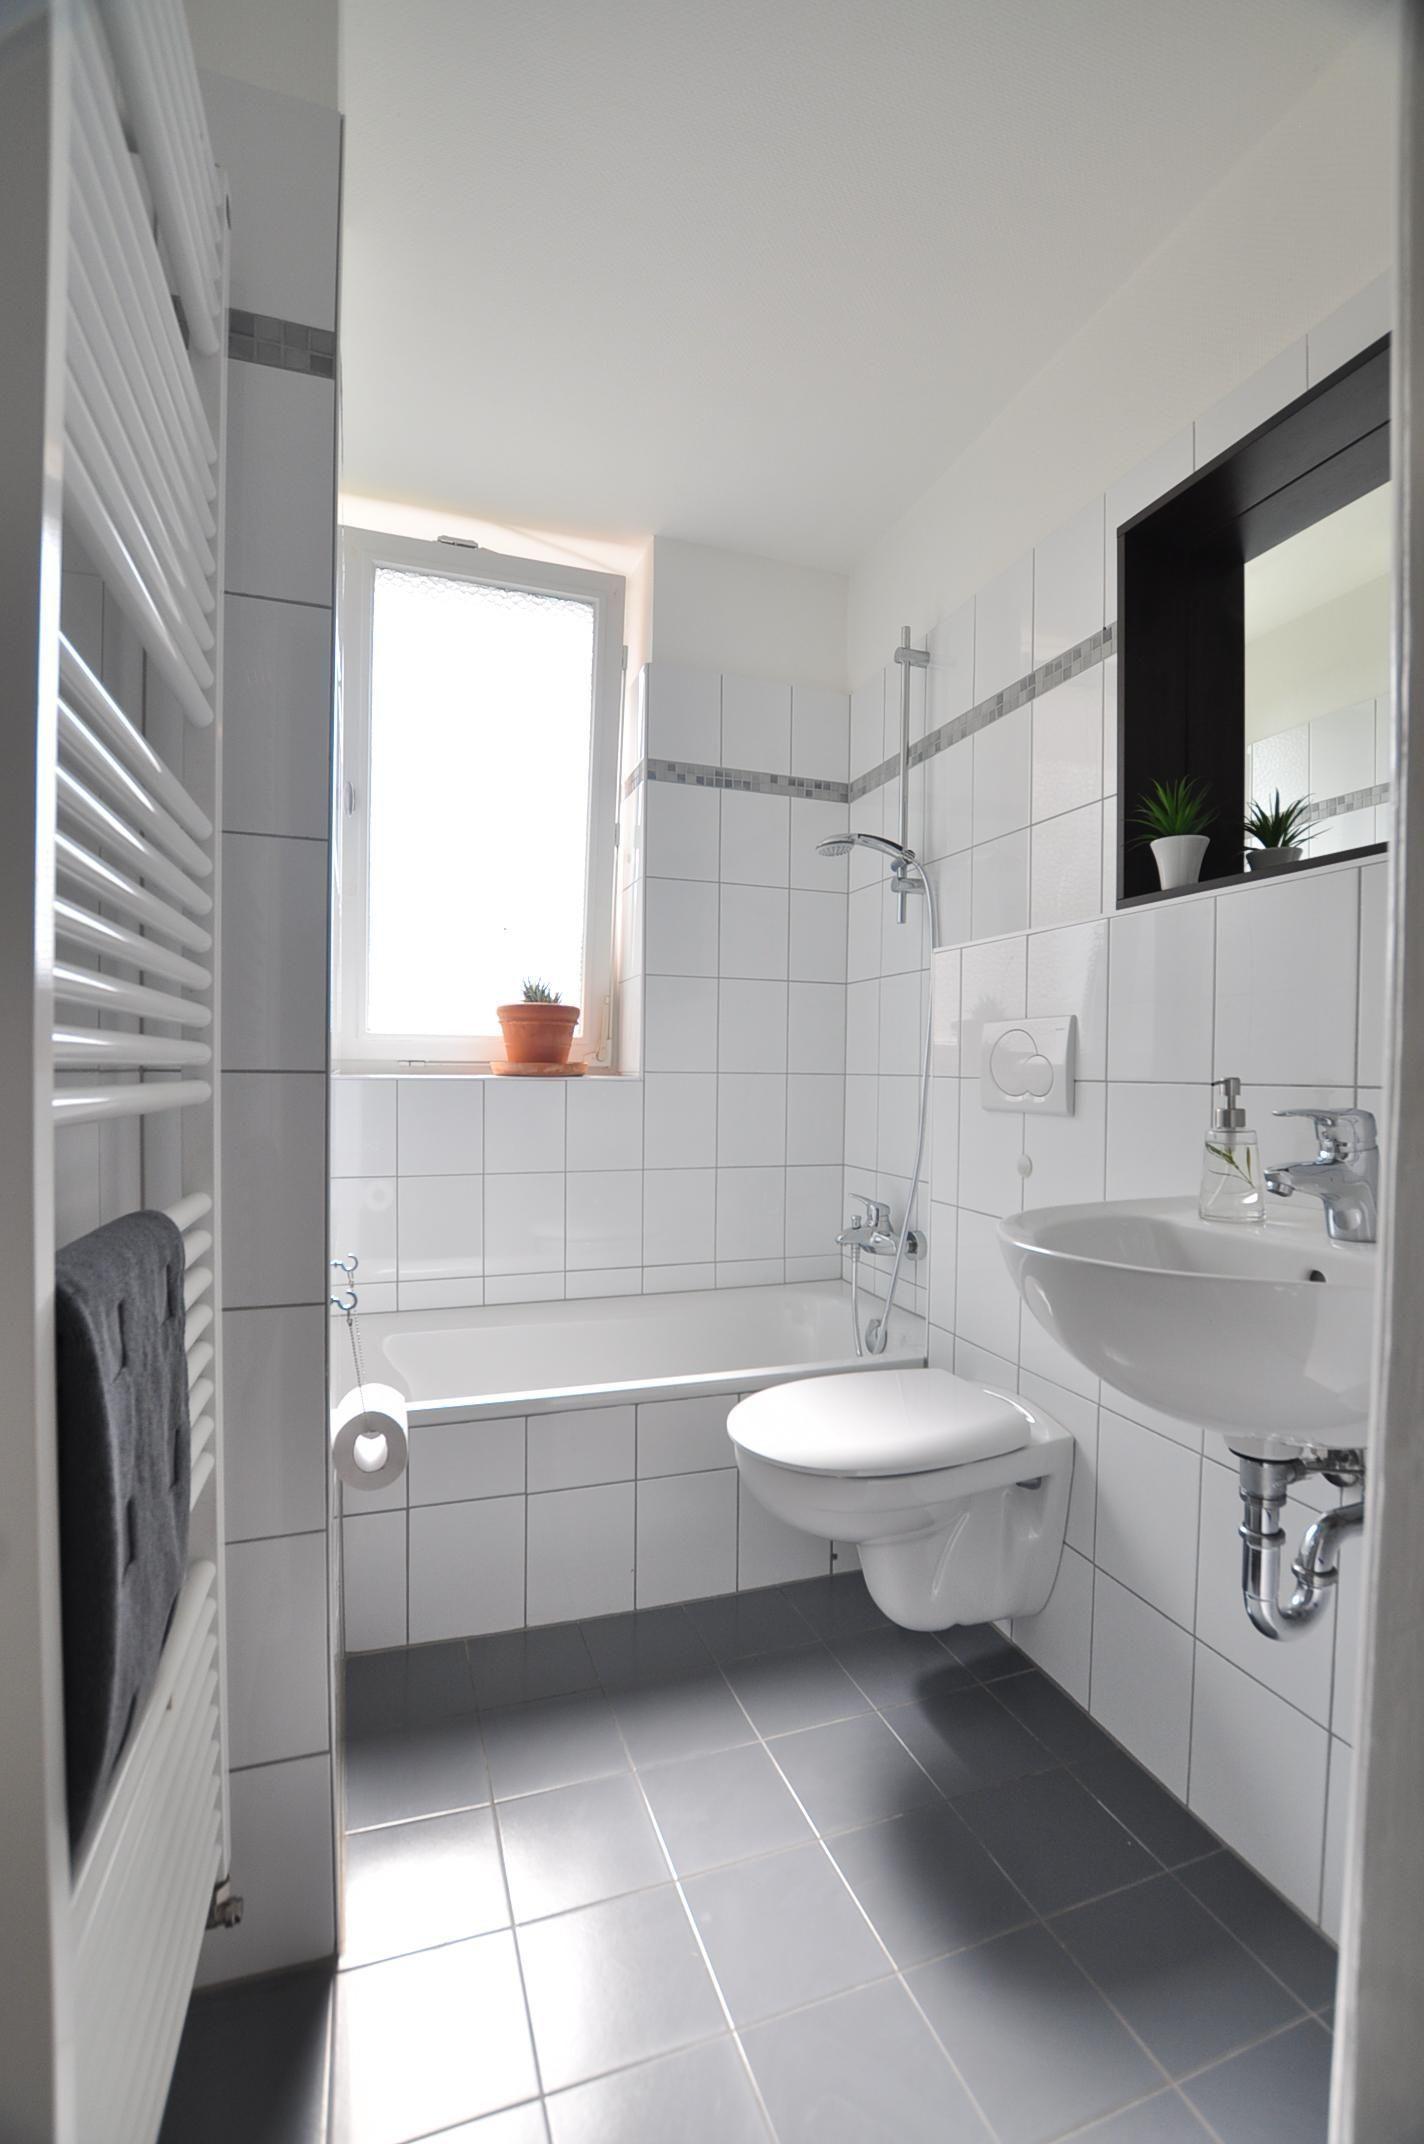 14 Wunderschon Badezimmer Schrank Ideen Sie Mussen Wissen In 2020 Badezimmer Fliesen Badezimmer Badezimmer Schrank